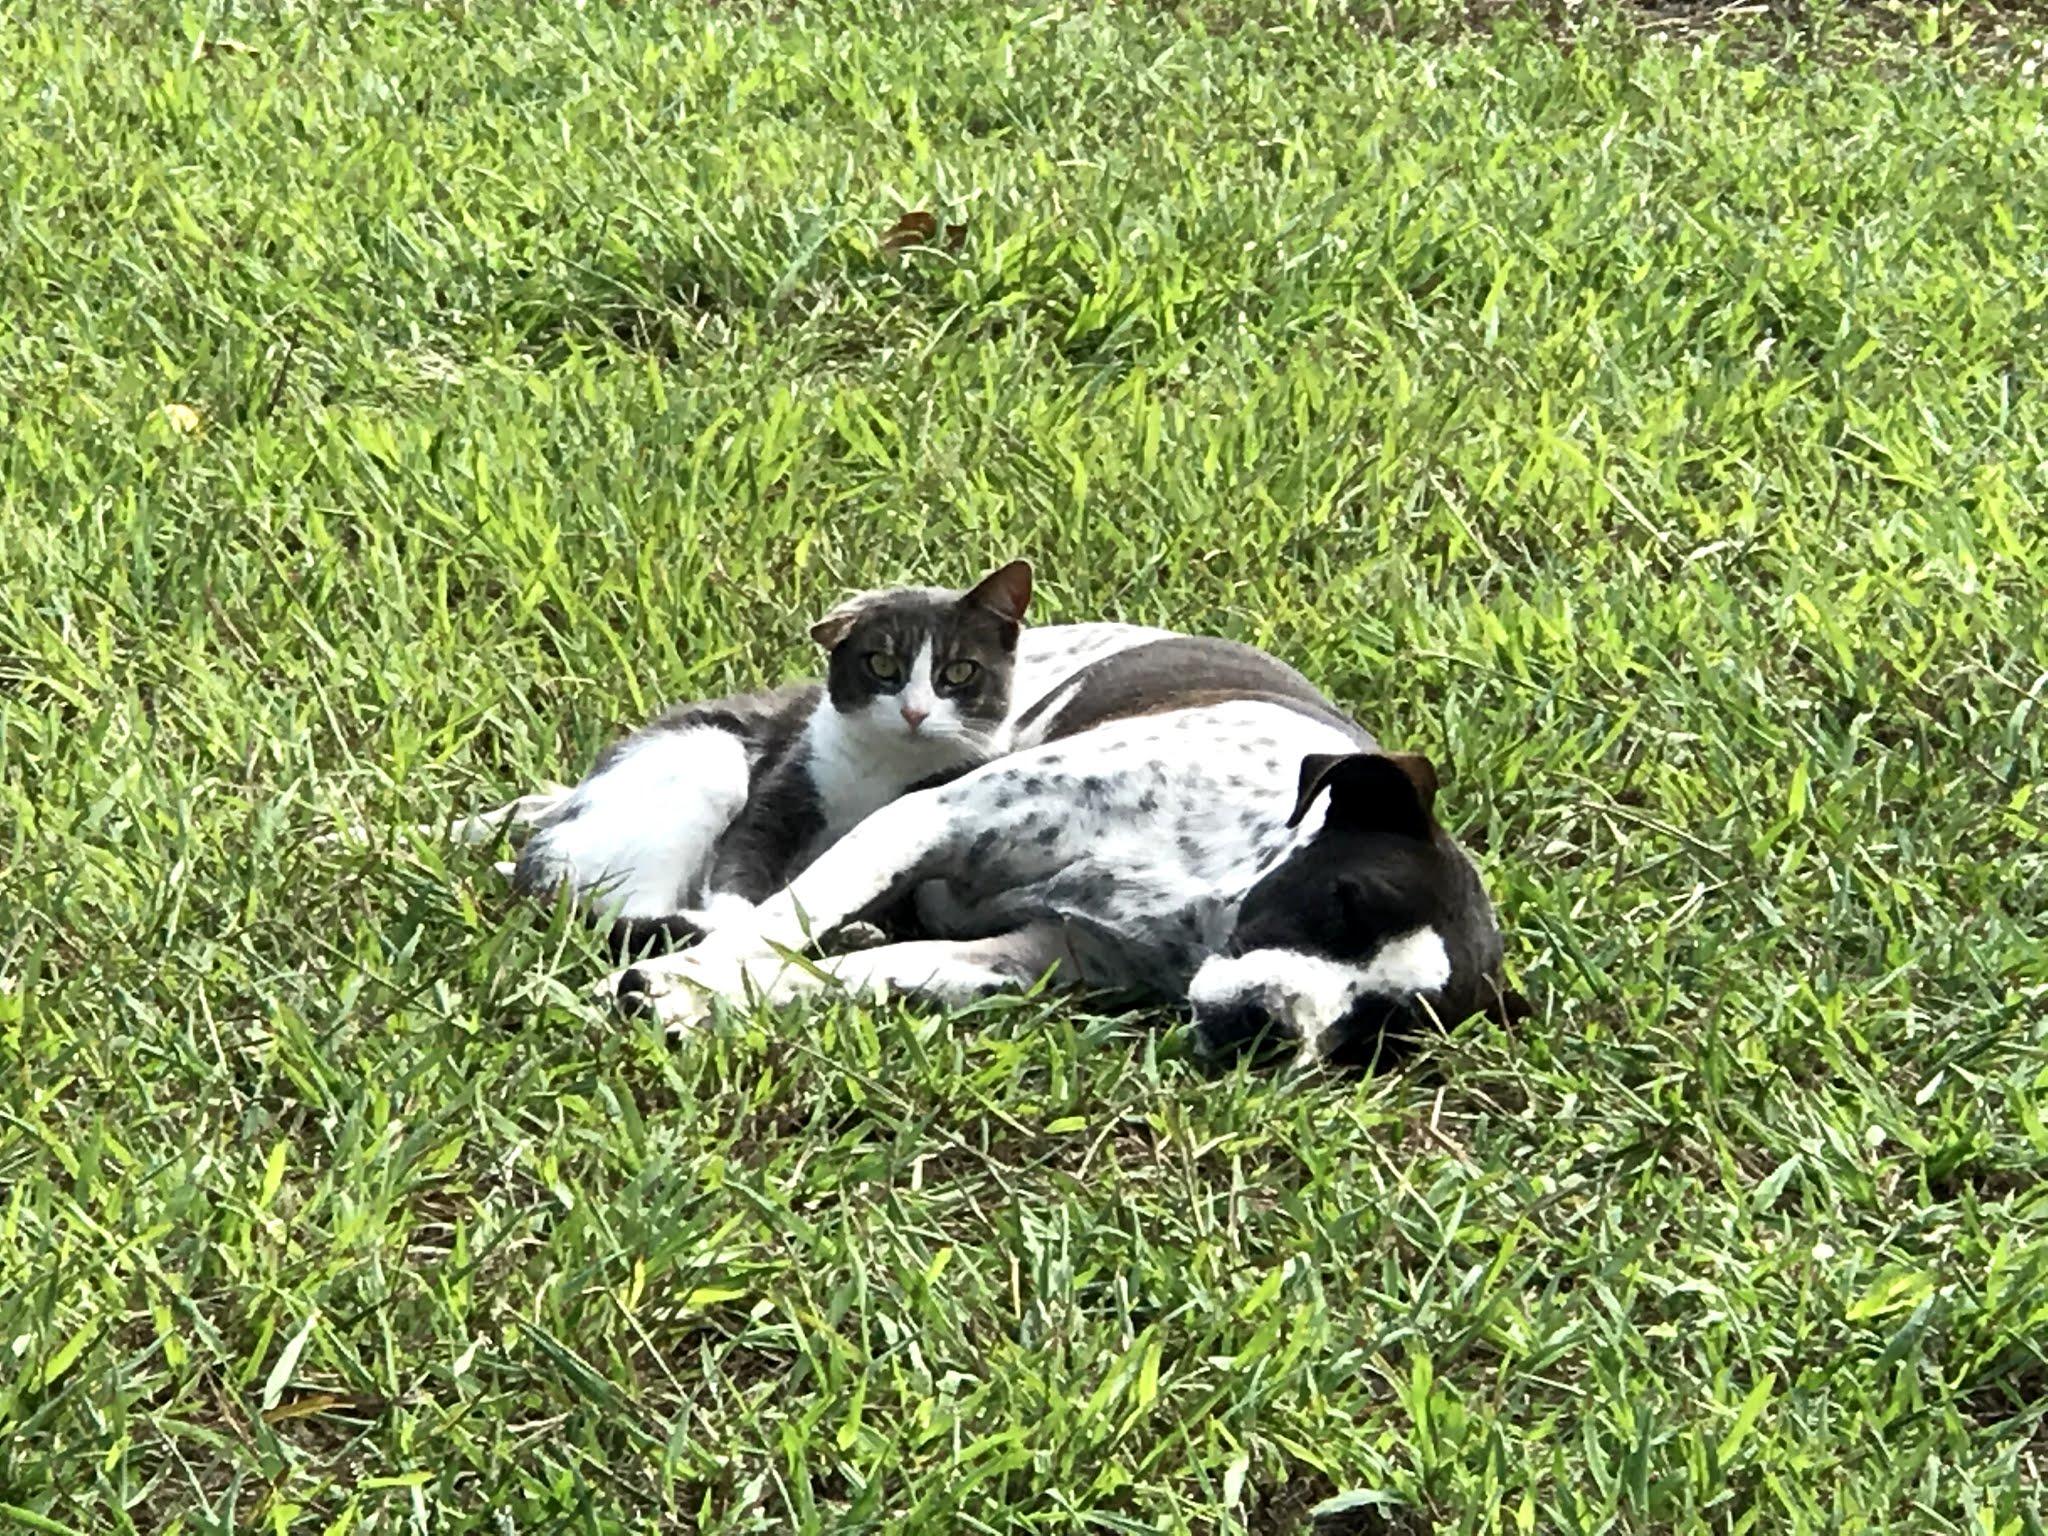 Χαλκίδα νέα: Σκύλος και γάτα αγκαλιασμένοι